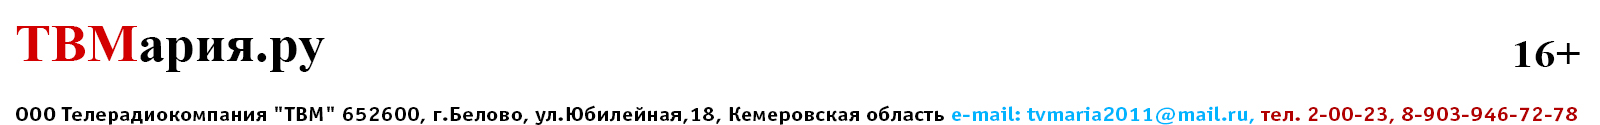 ТВМария.ру   16+